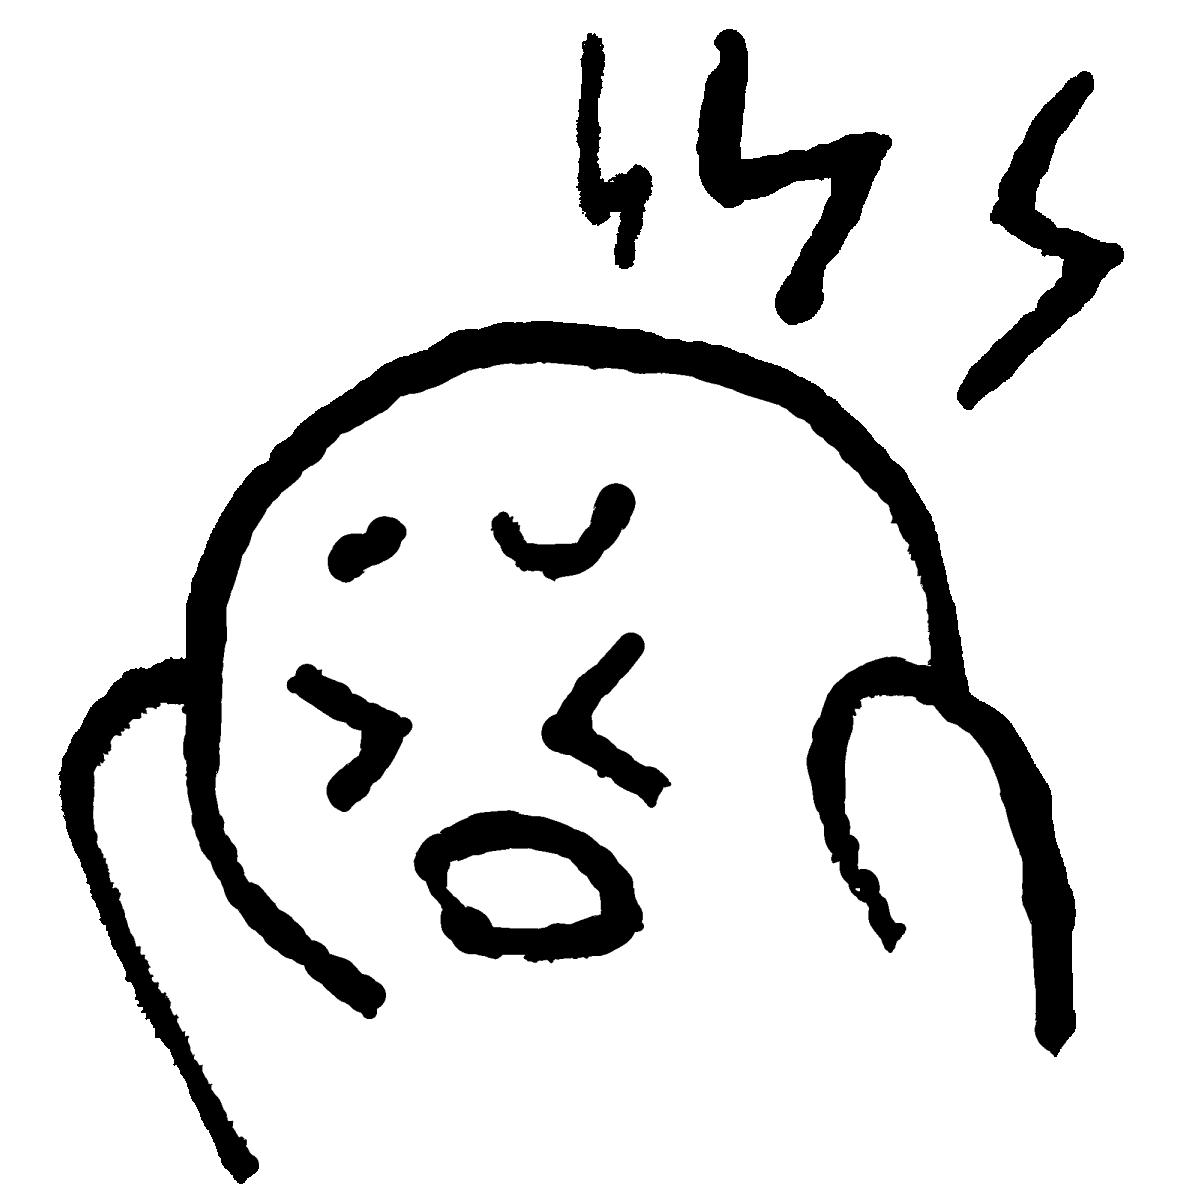 頭痛1のイラスト / Headache 1 Illustration